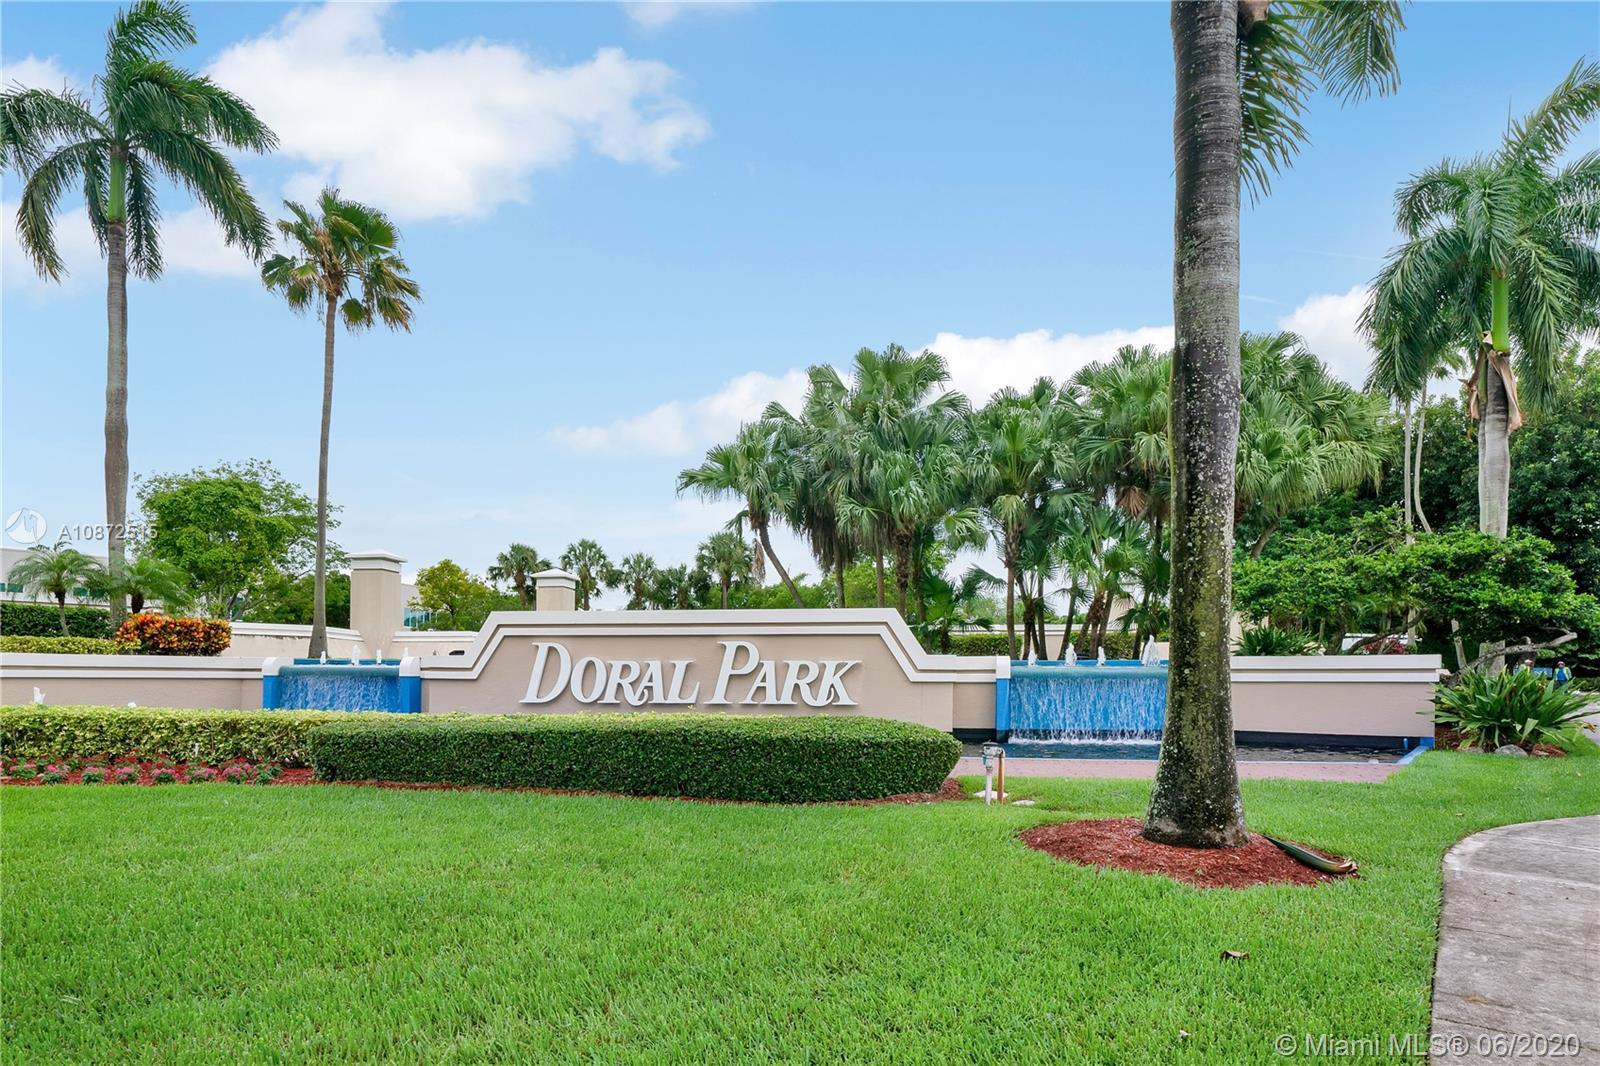 Doral Park # - 35 - photo